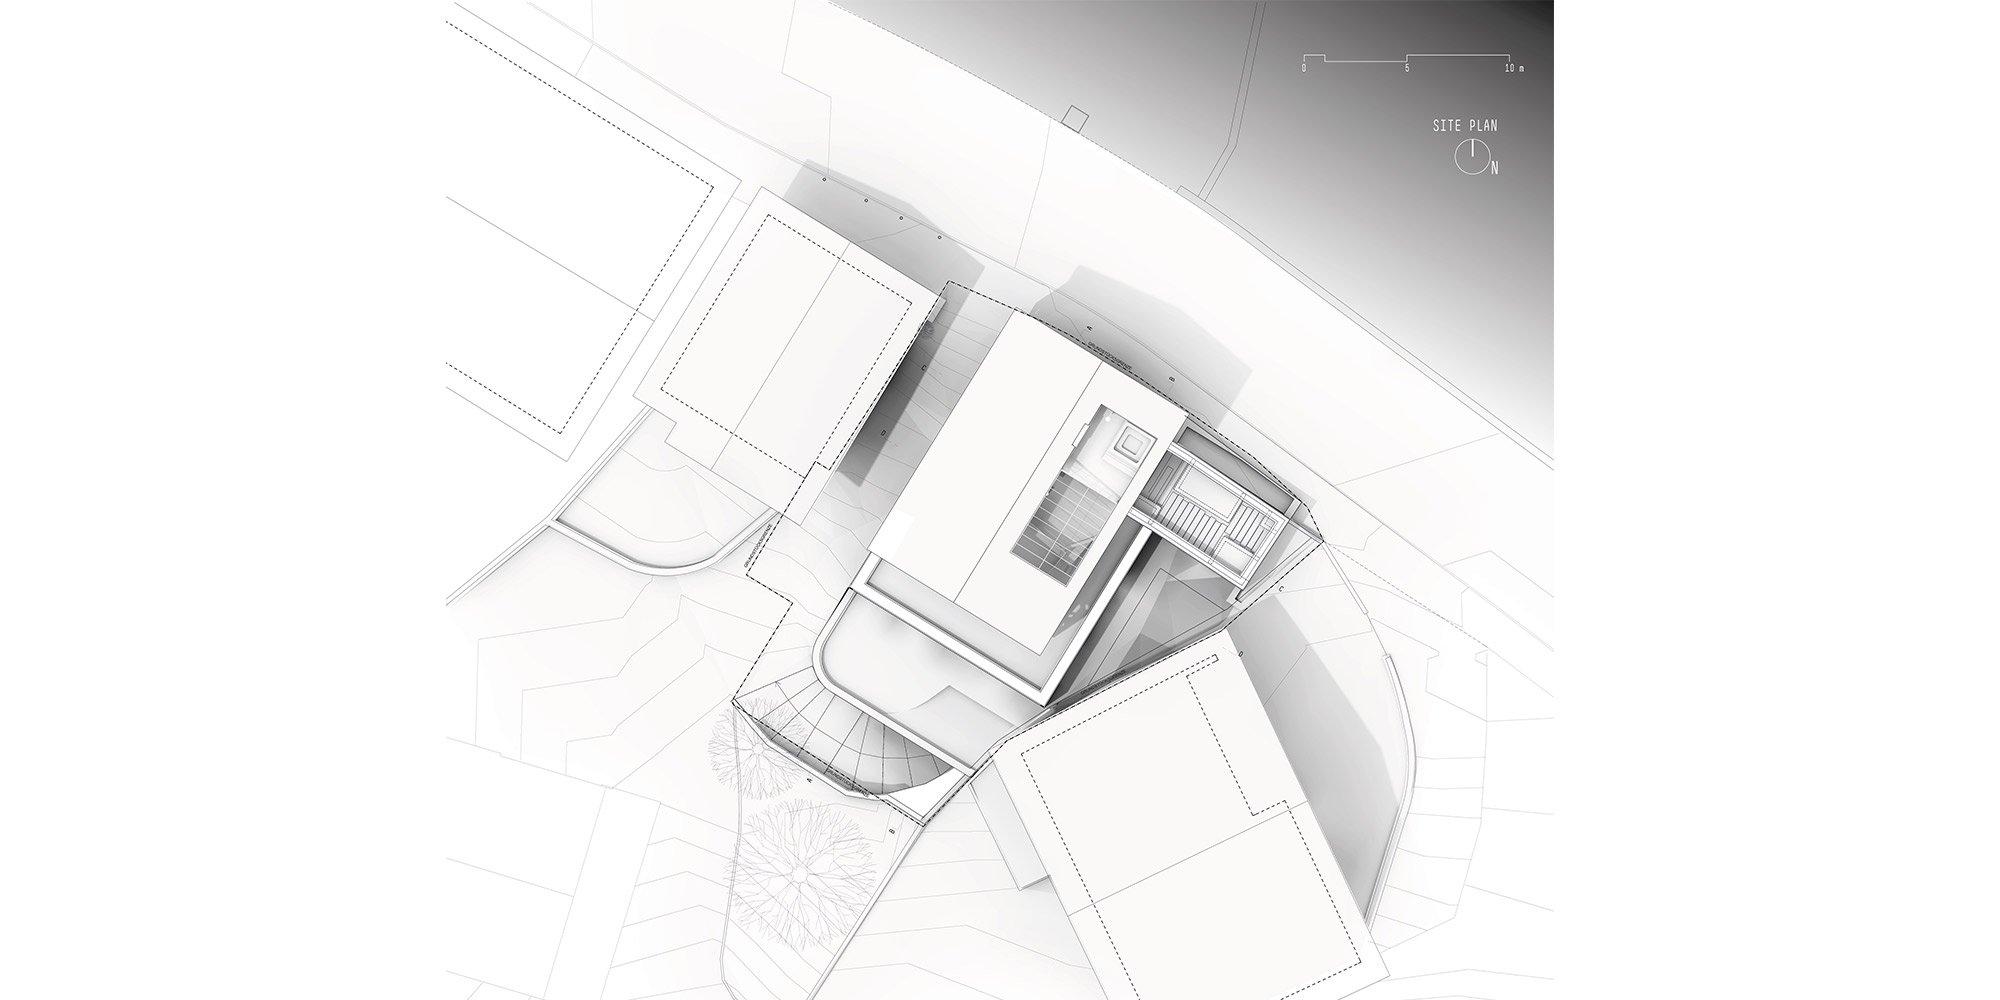 NOA - Network of Architecture |